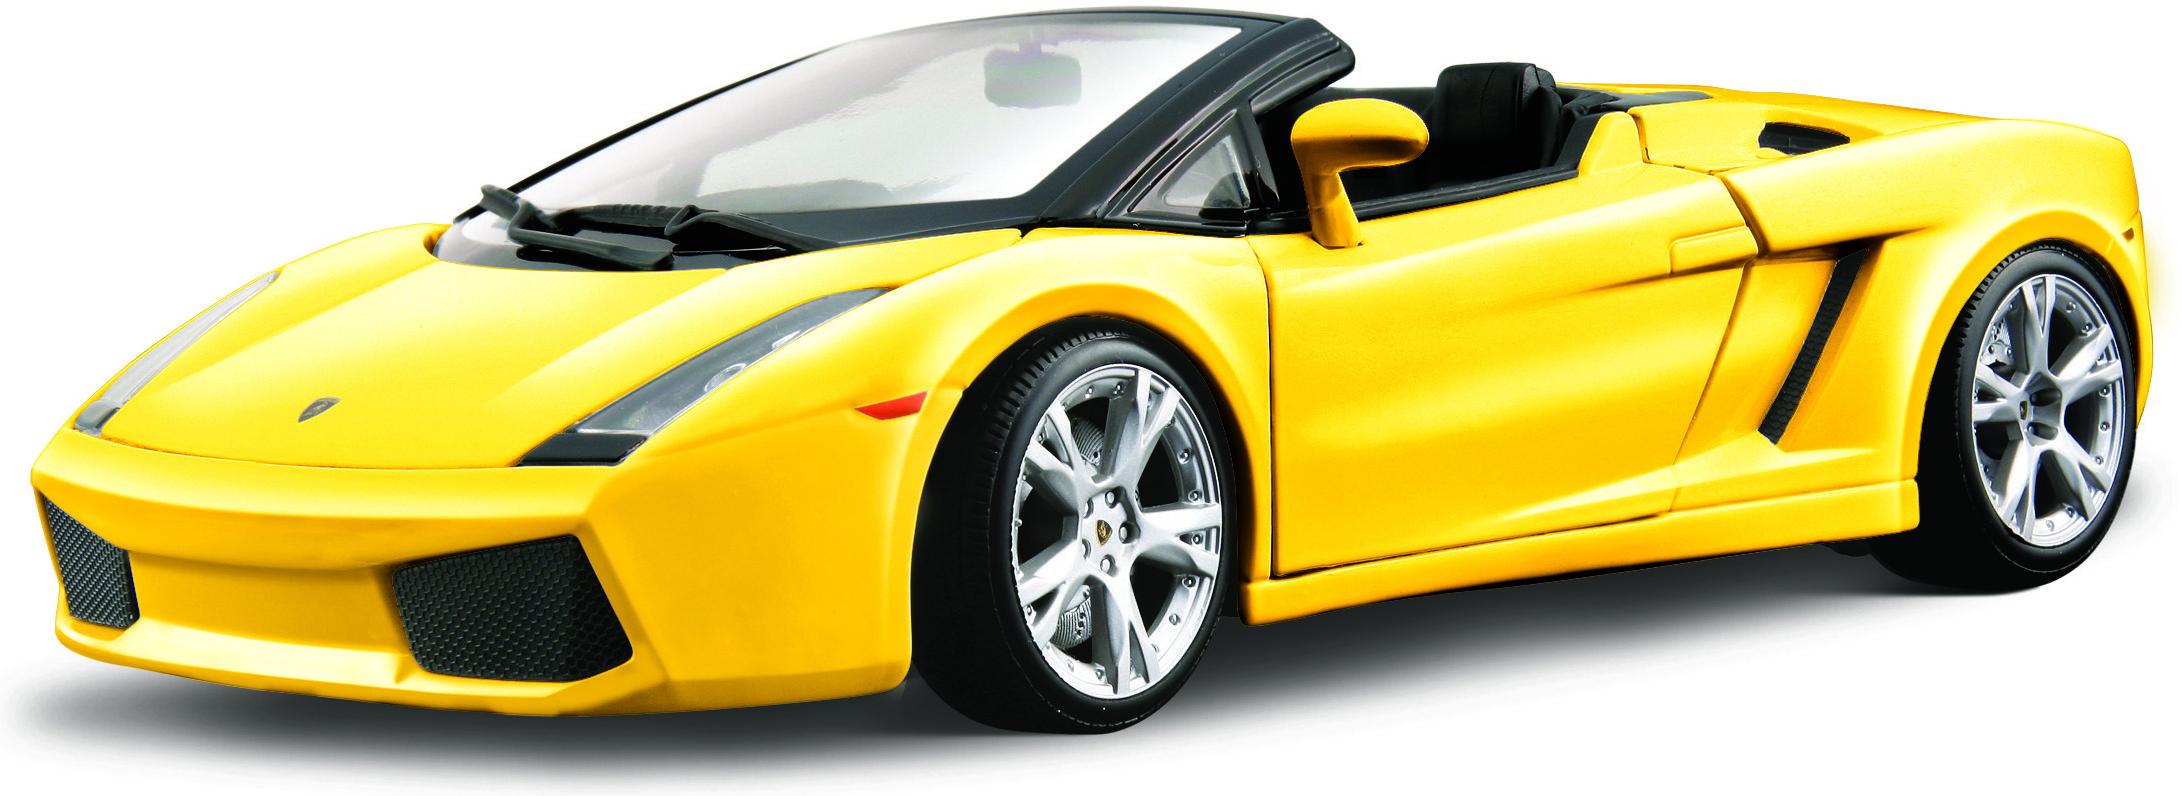 Buy Bburago Lamborghini Gallardo Spyder Yellow 1912 By Bburago